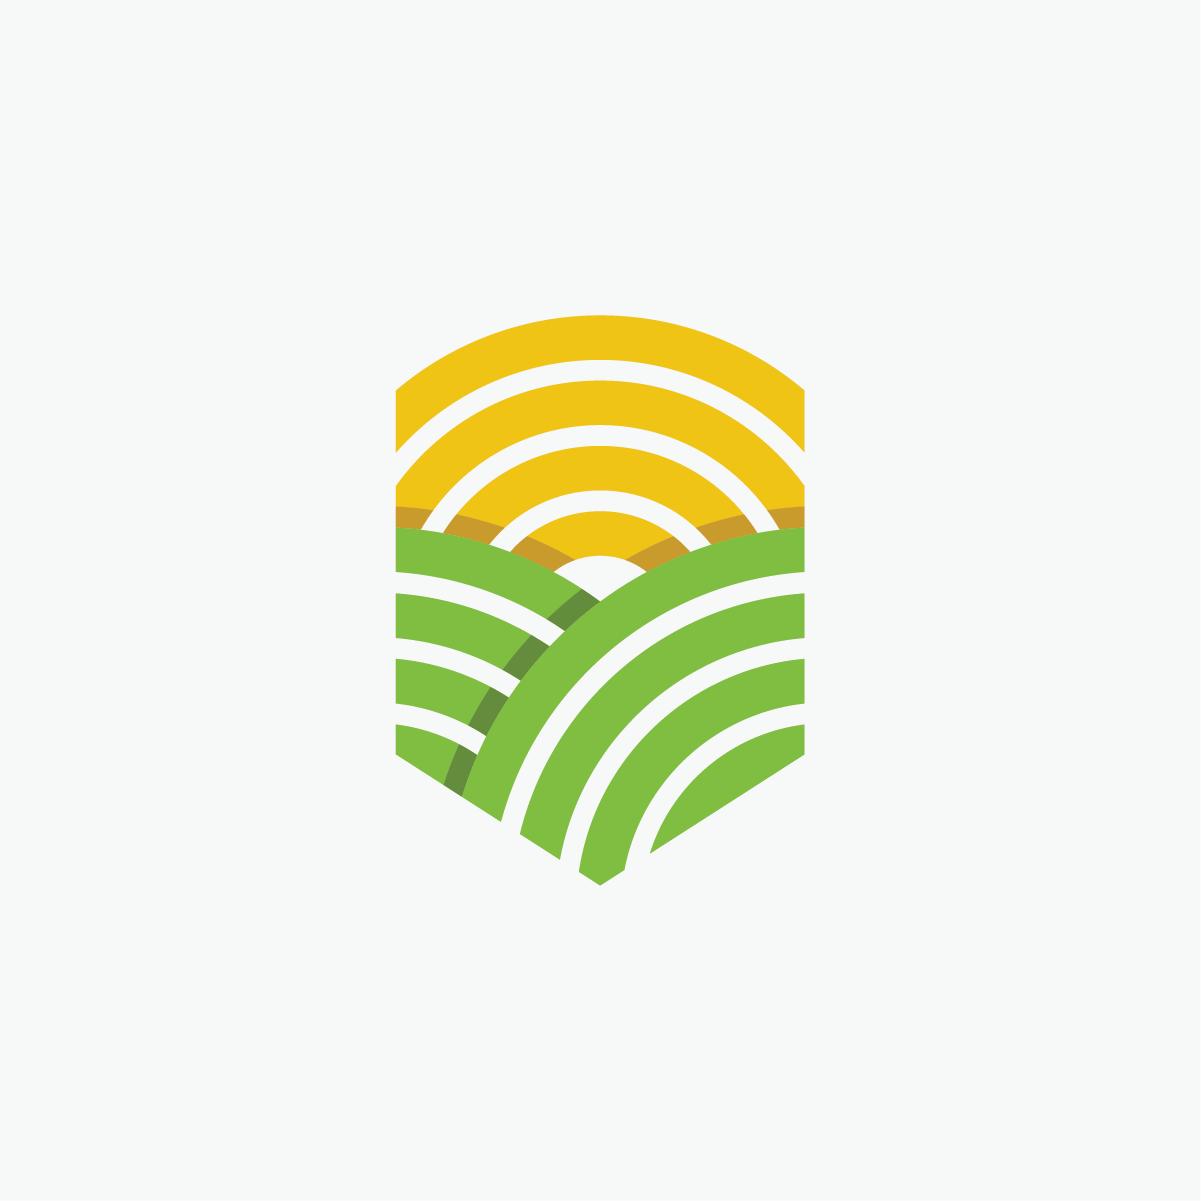 JD_Logos-03.png